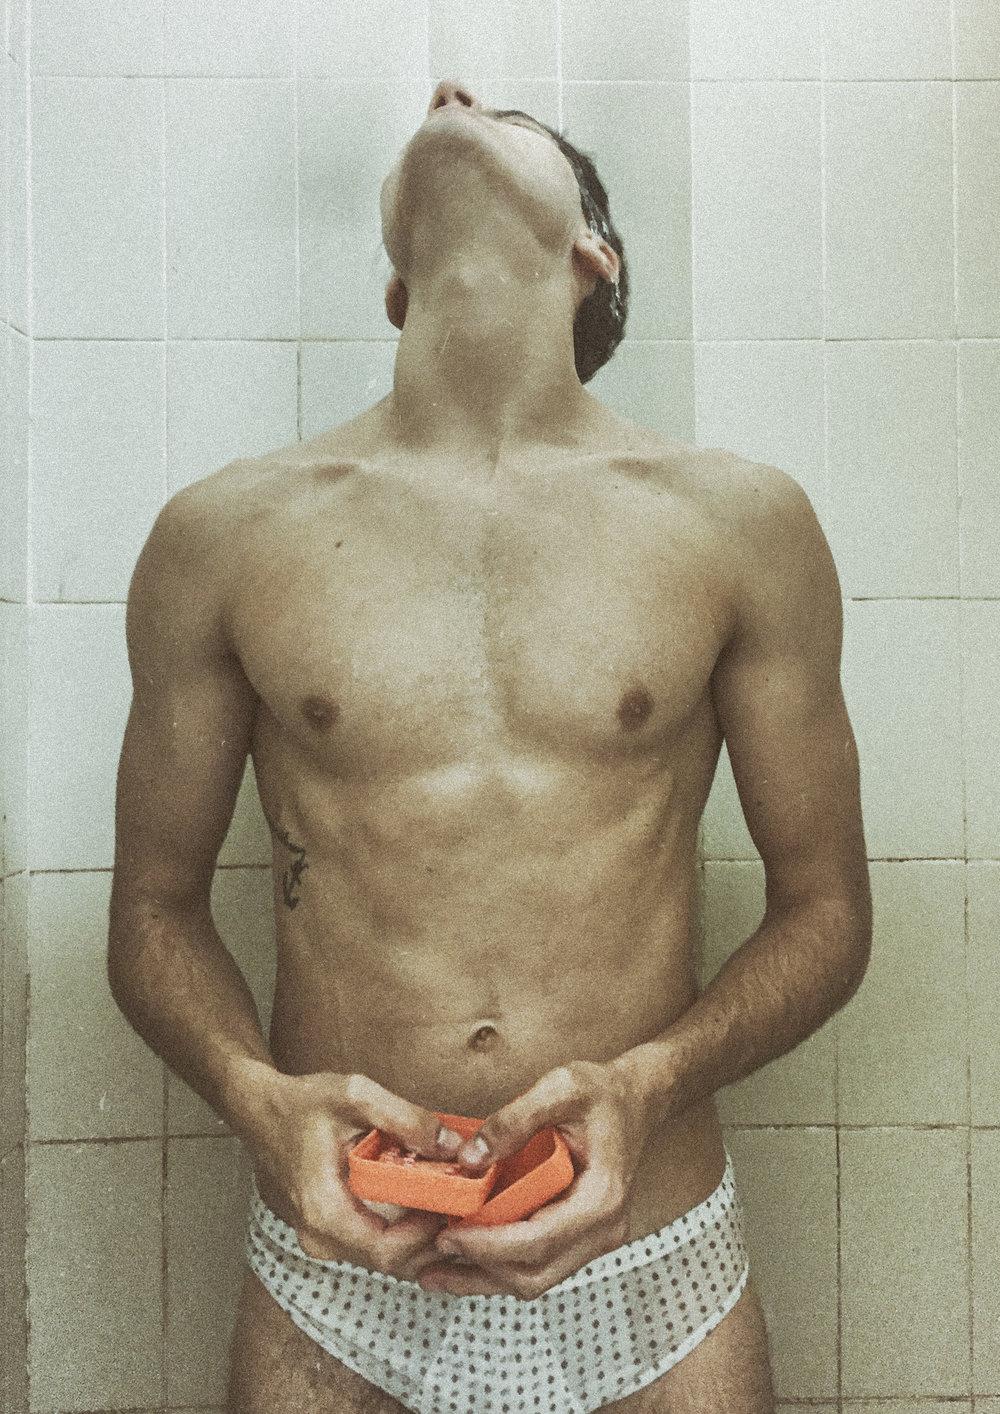 Gym Class by Simone Lini Trivulzio